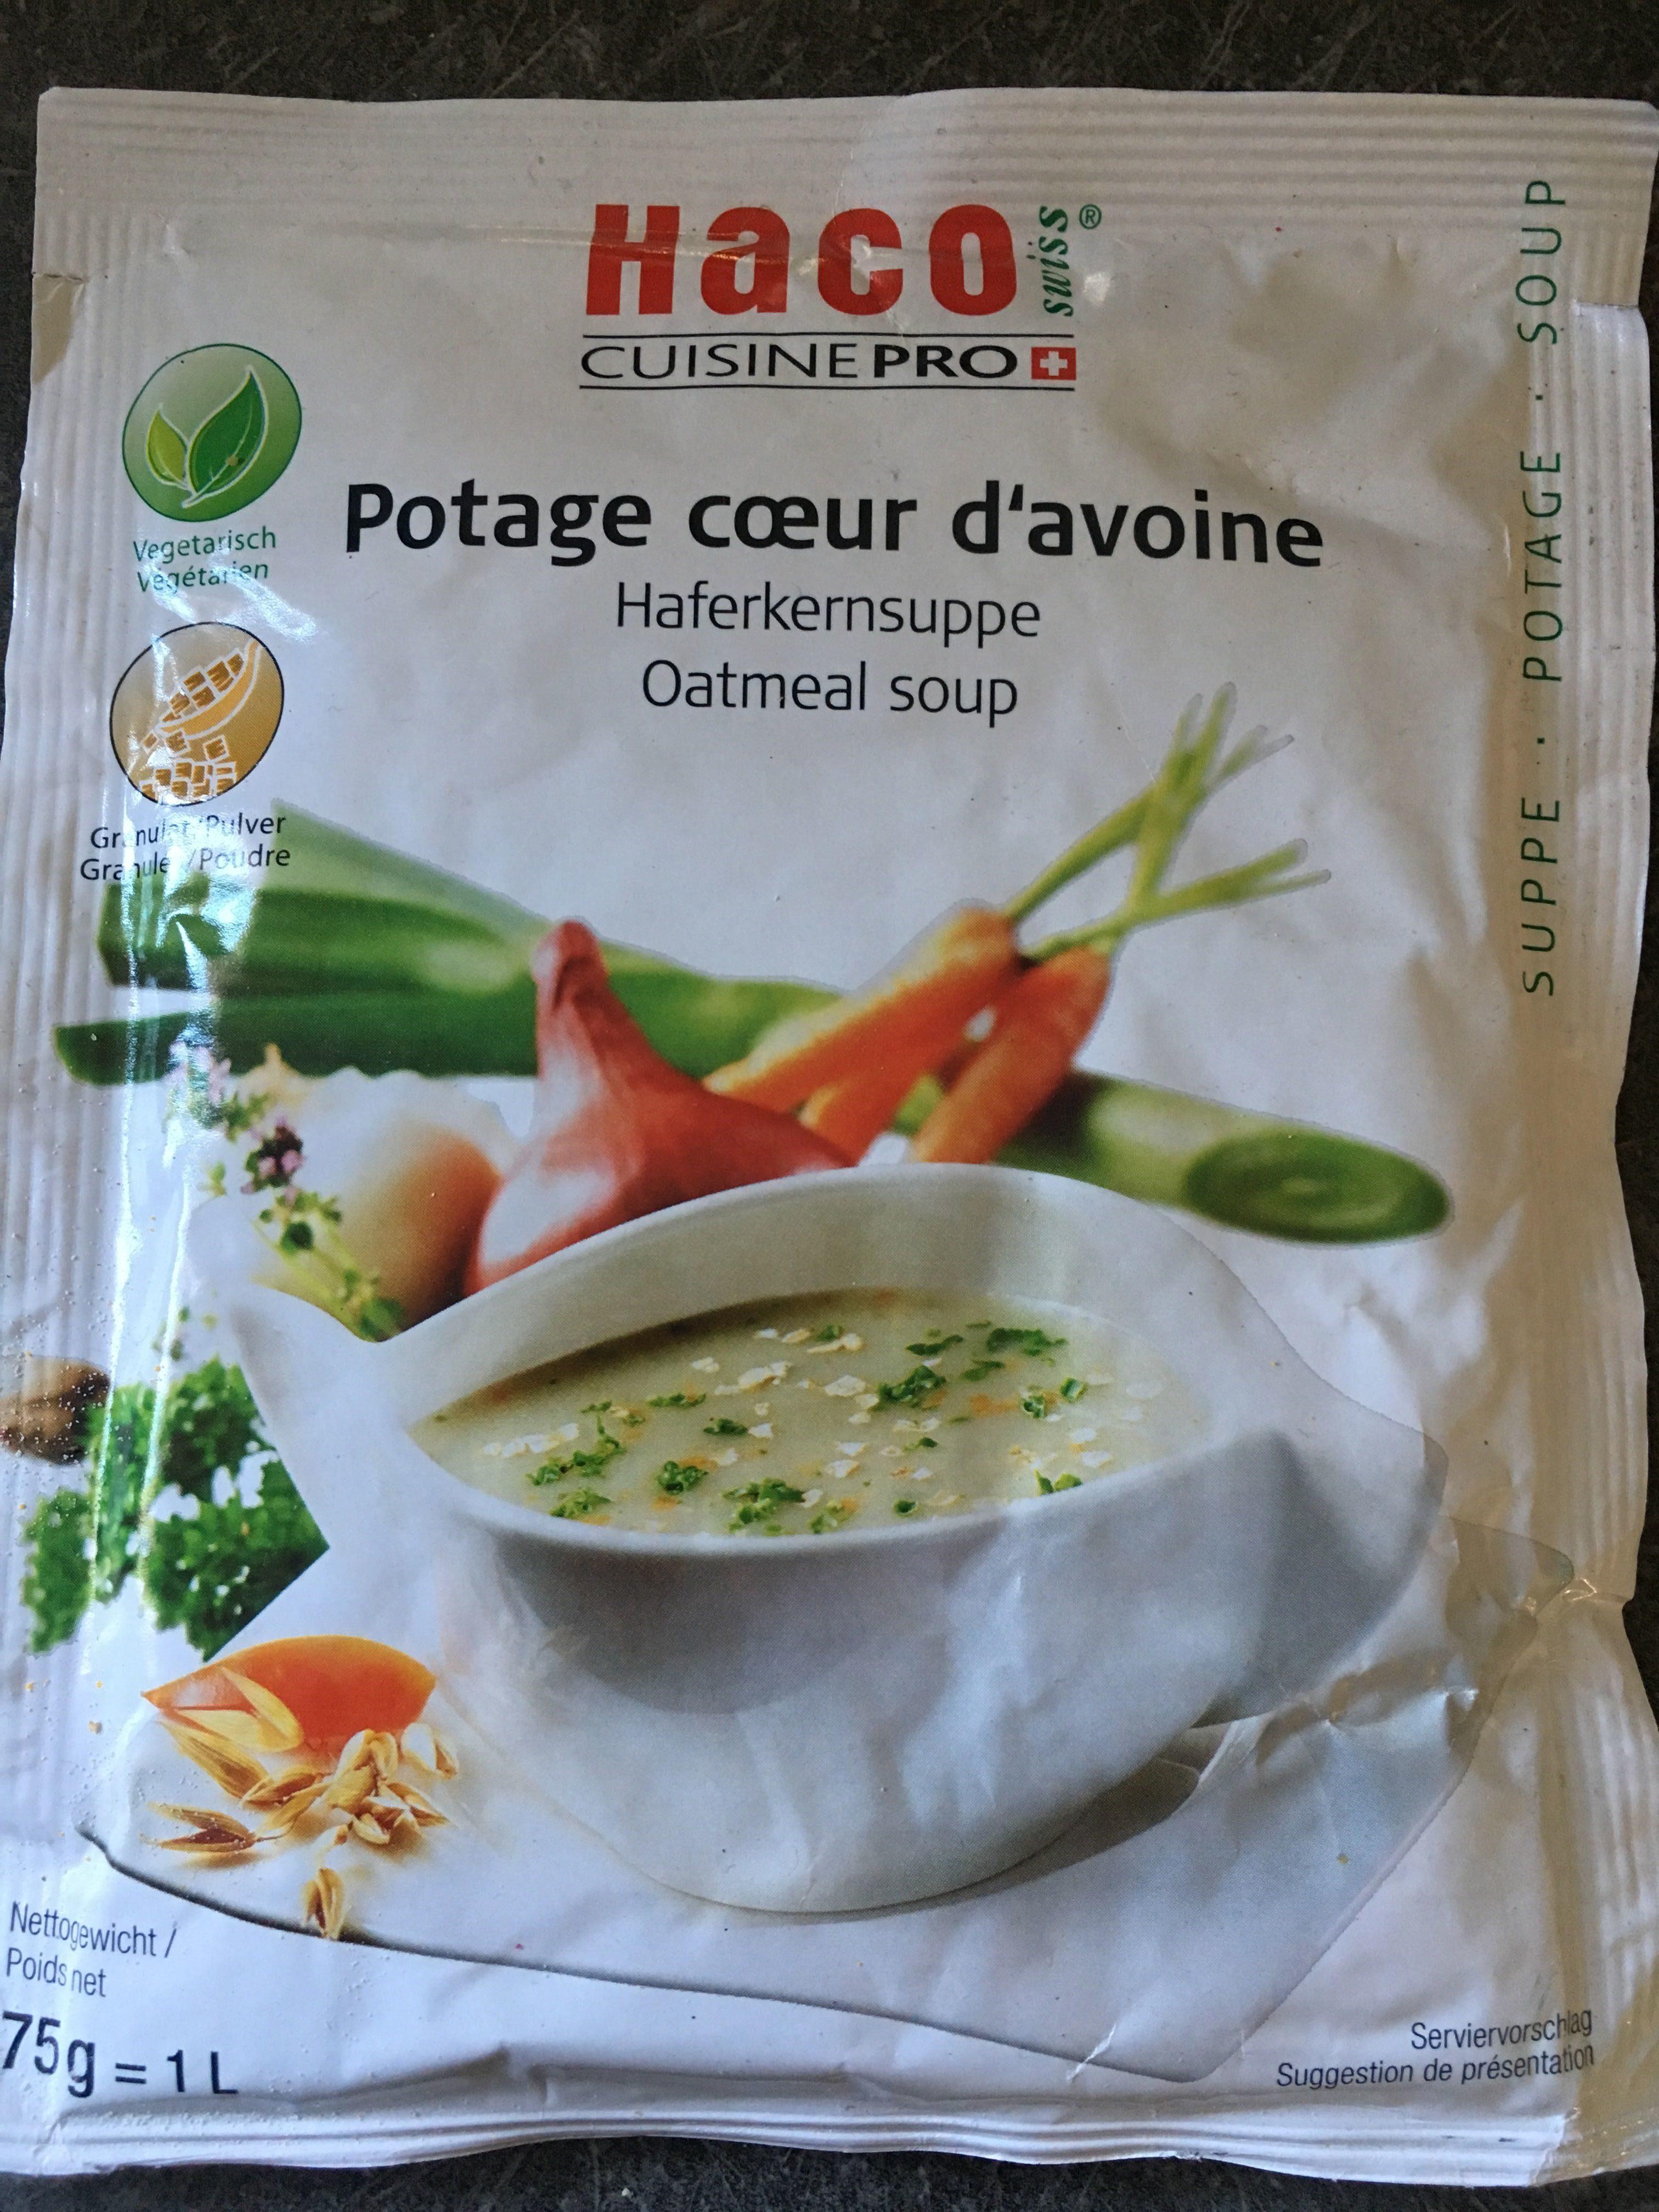 Potage cœur d'avoine - Product